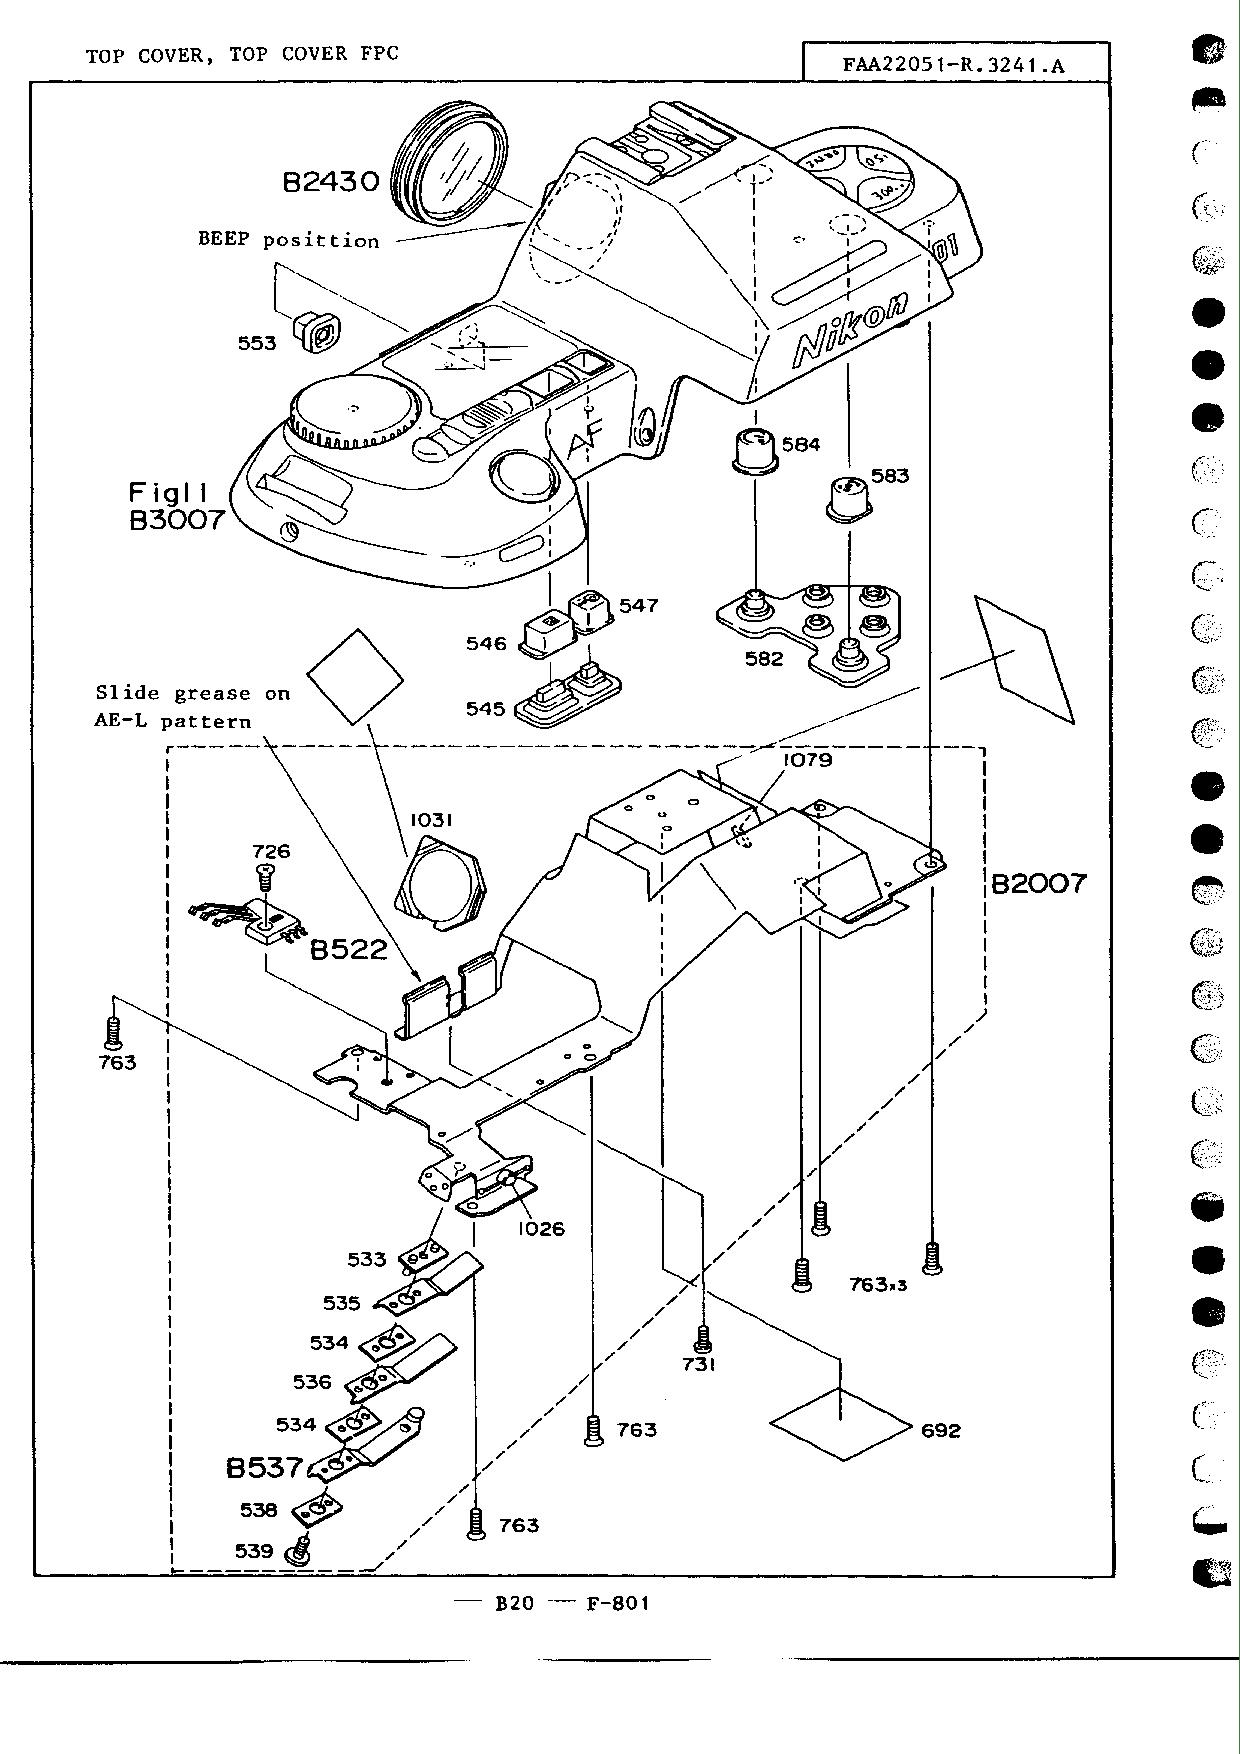 Nikon F801 Repair Manual